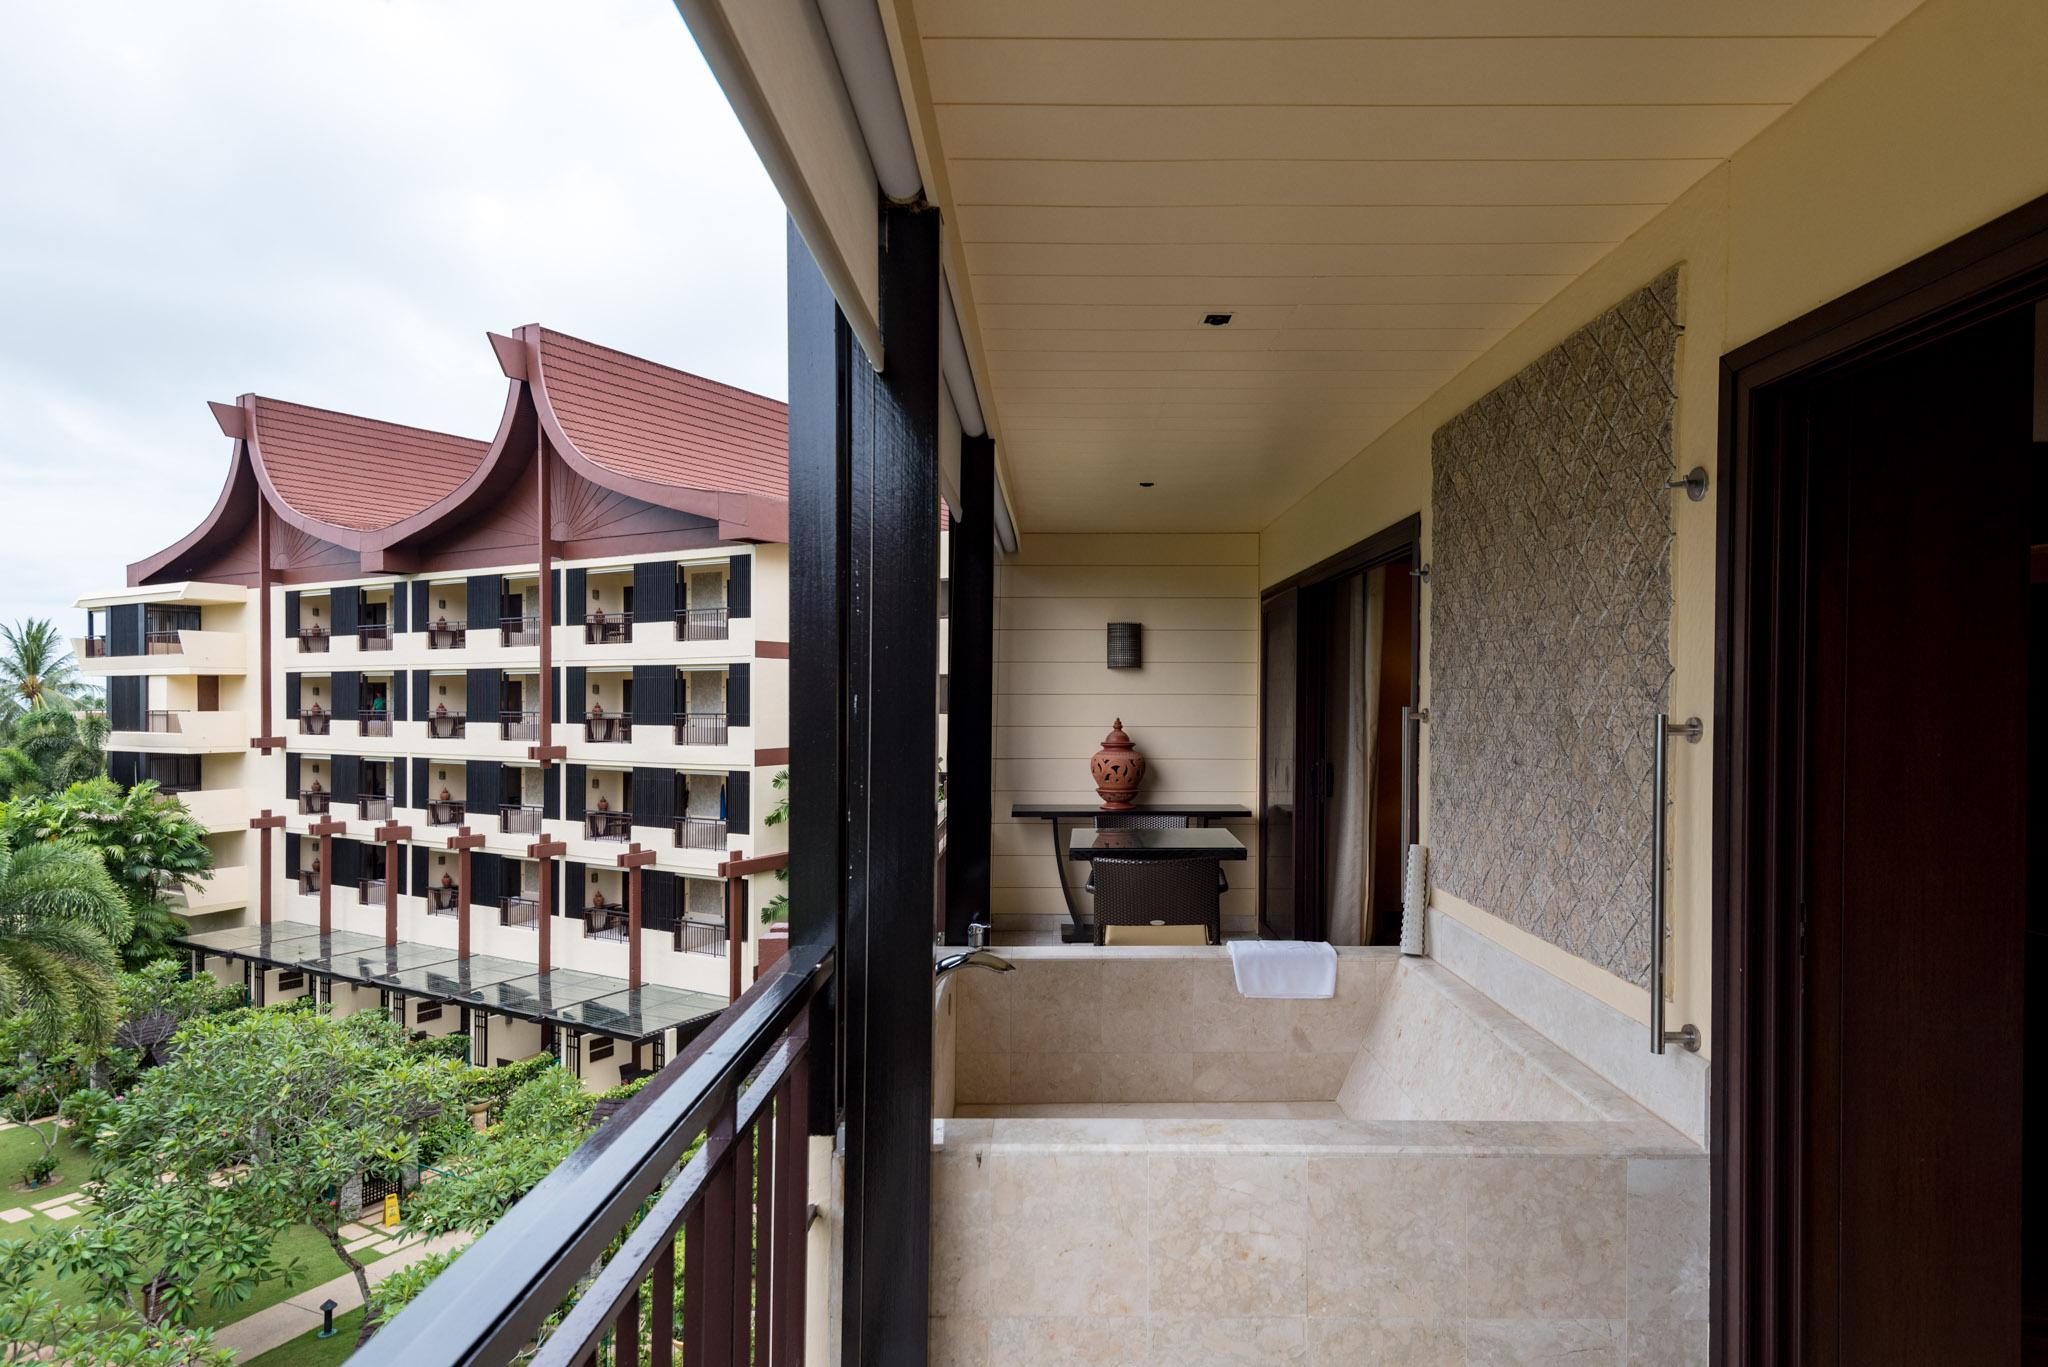 Outdoor Bathtub - Rasa Premier Room    Rasa Wing -  Shangri-La's Rasa Sayang Resort & Spa, Penang